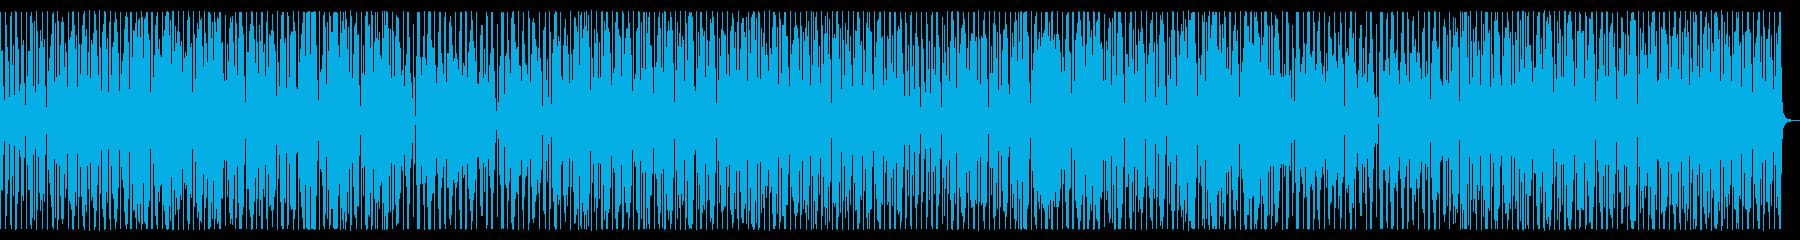 Bone Valleyの再生済みの波形